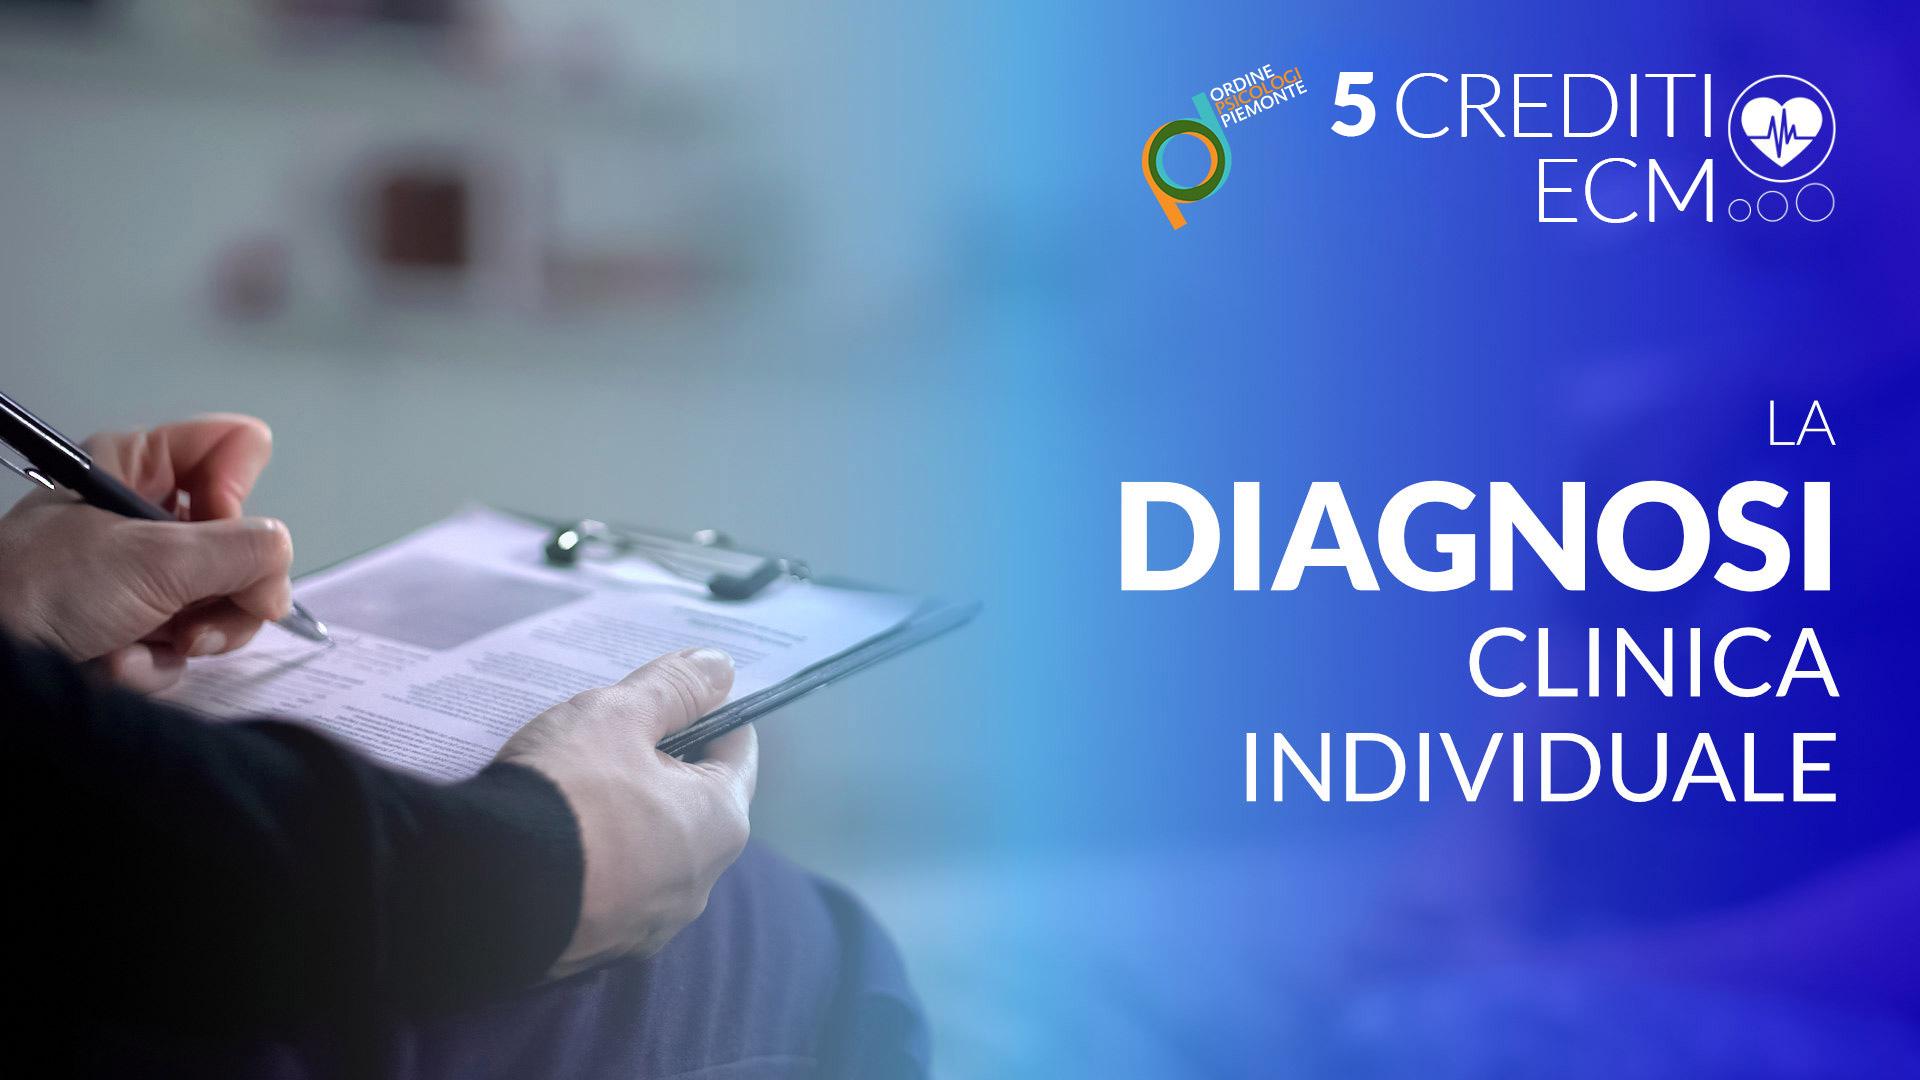 La diagnosi clinica individuale